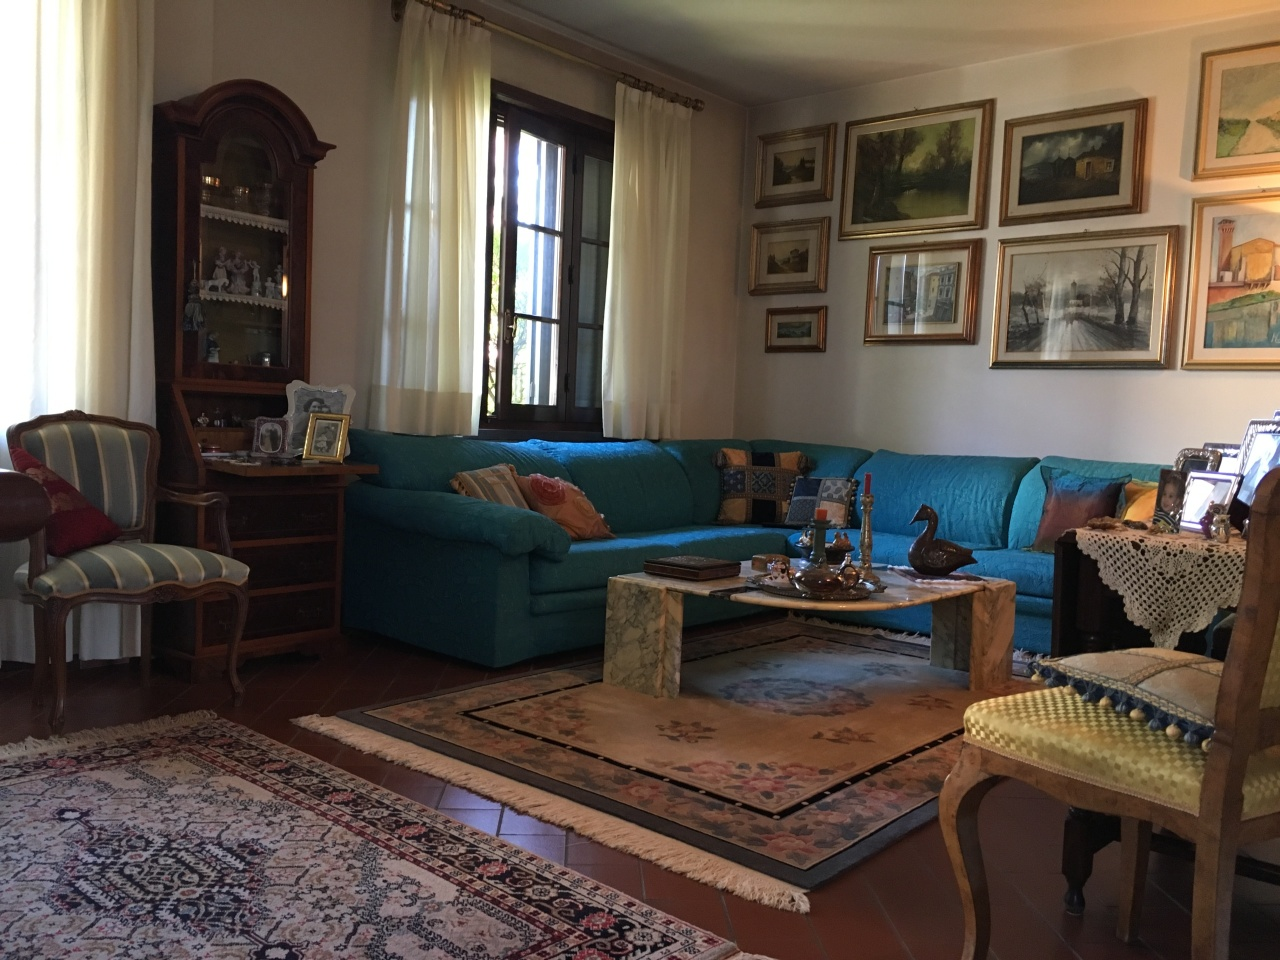 Soluzione Indipendente in vendita a Pontedera, 8 locali, prezzo € 430.000 | Cambio Casa.it